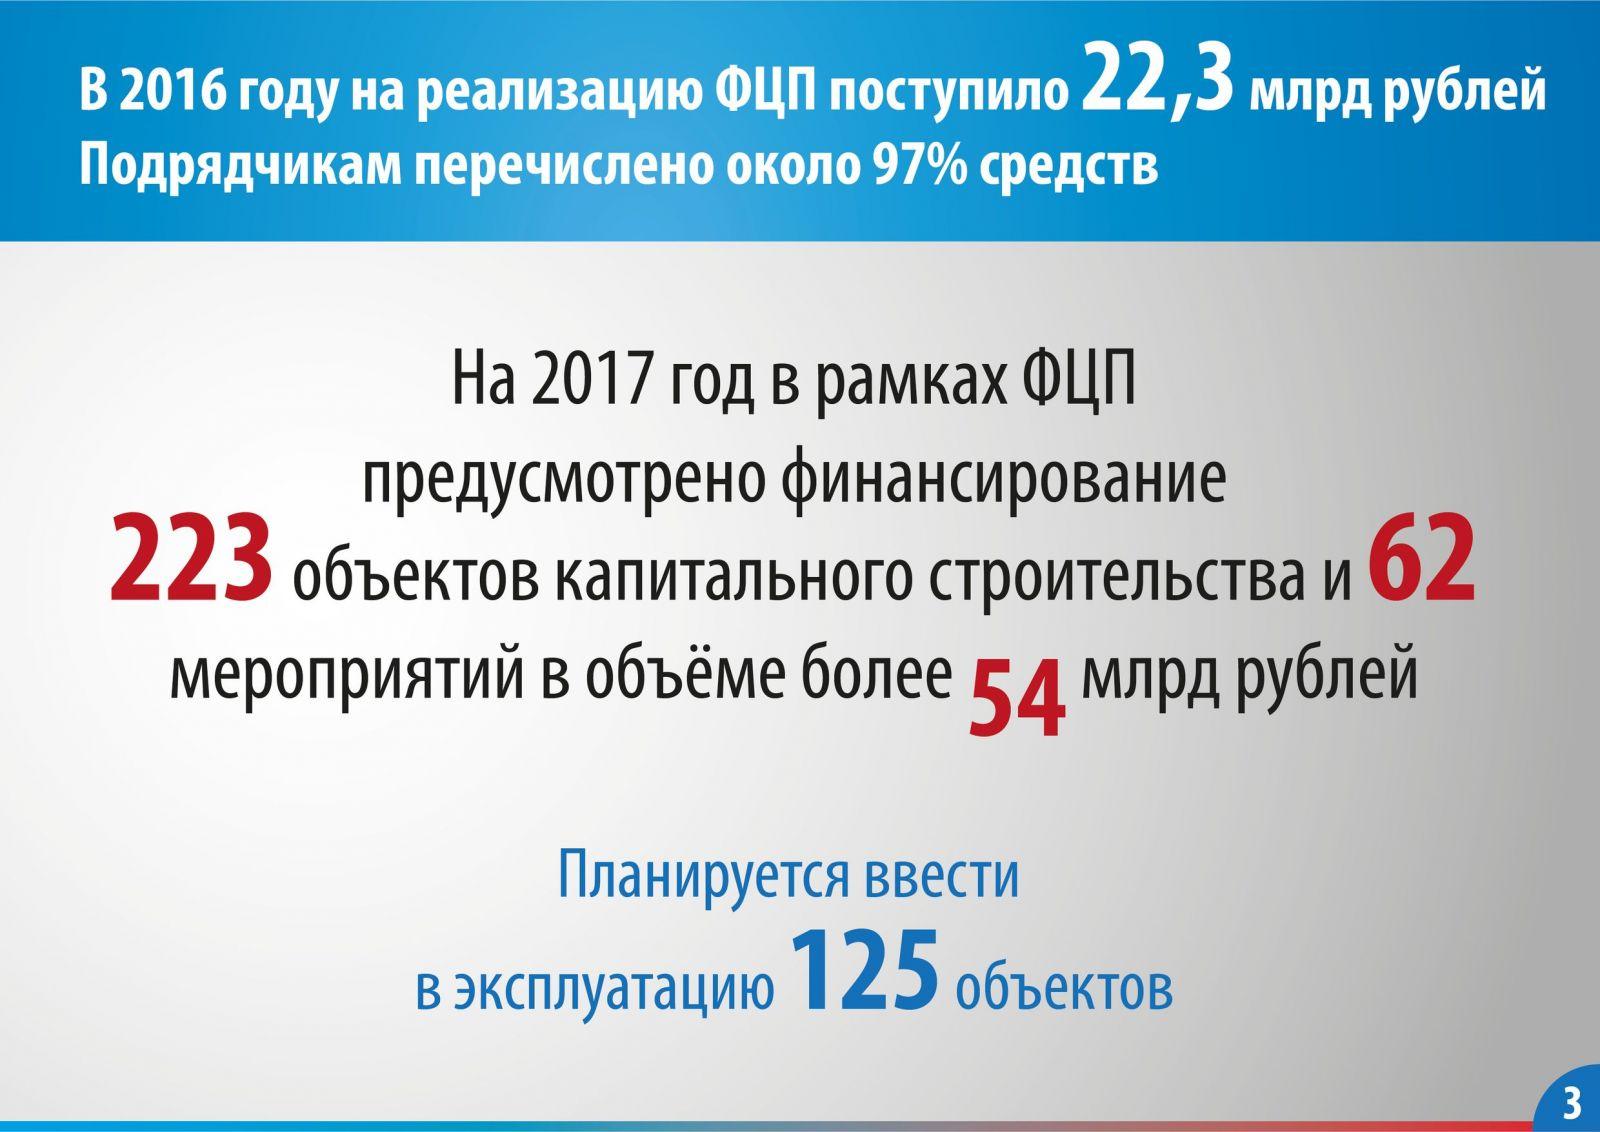 Доходы бюджета Крыма увеличились вдвое всравнении сукраинскими временами— Аксенов